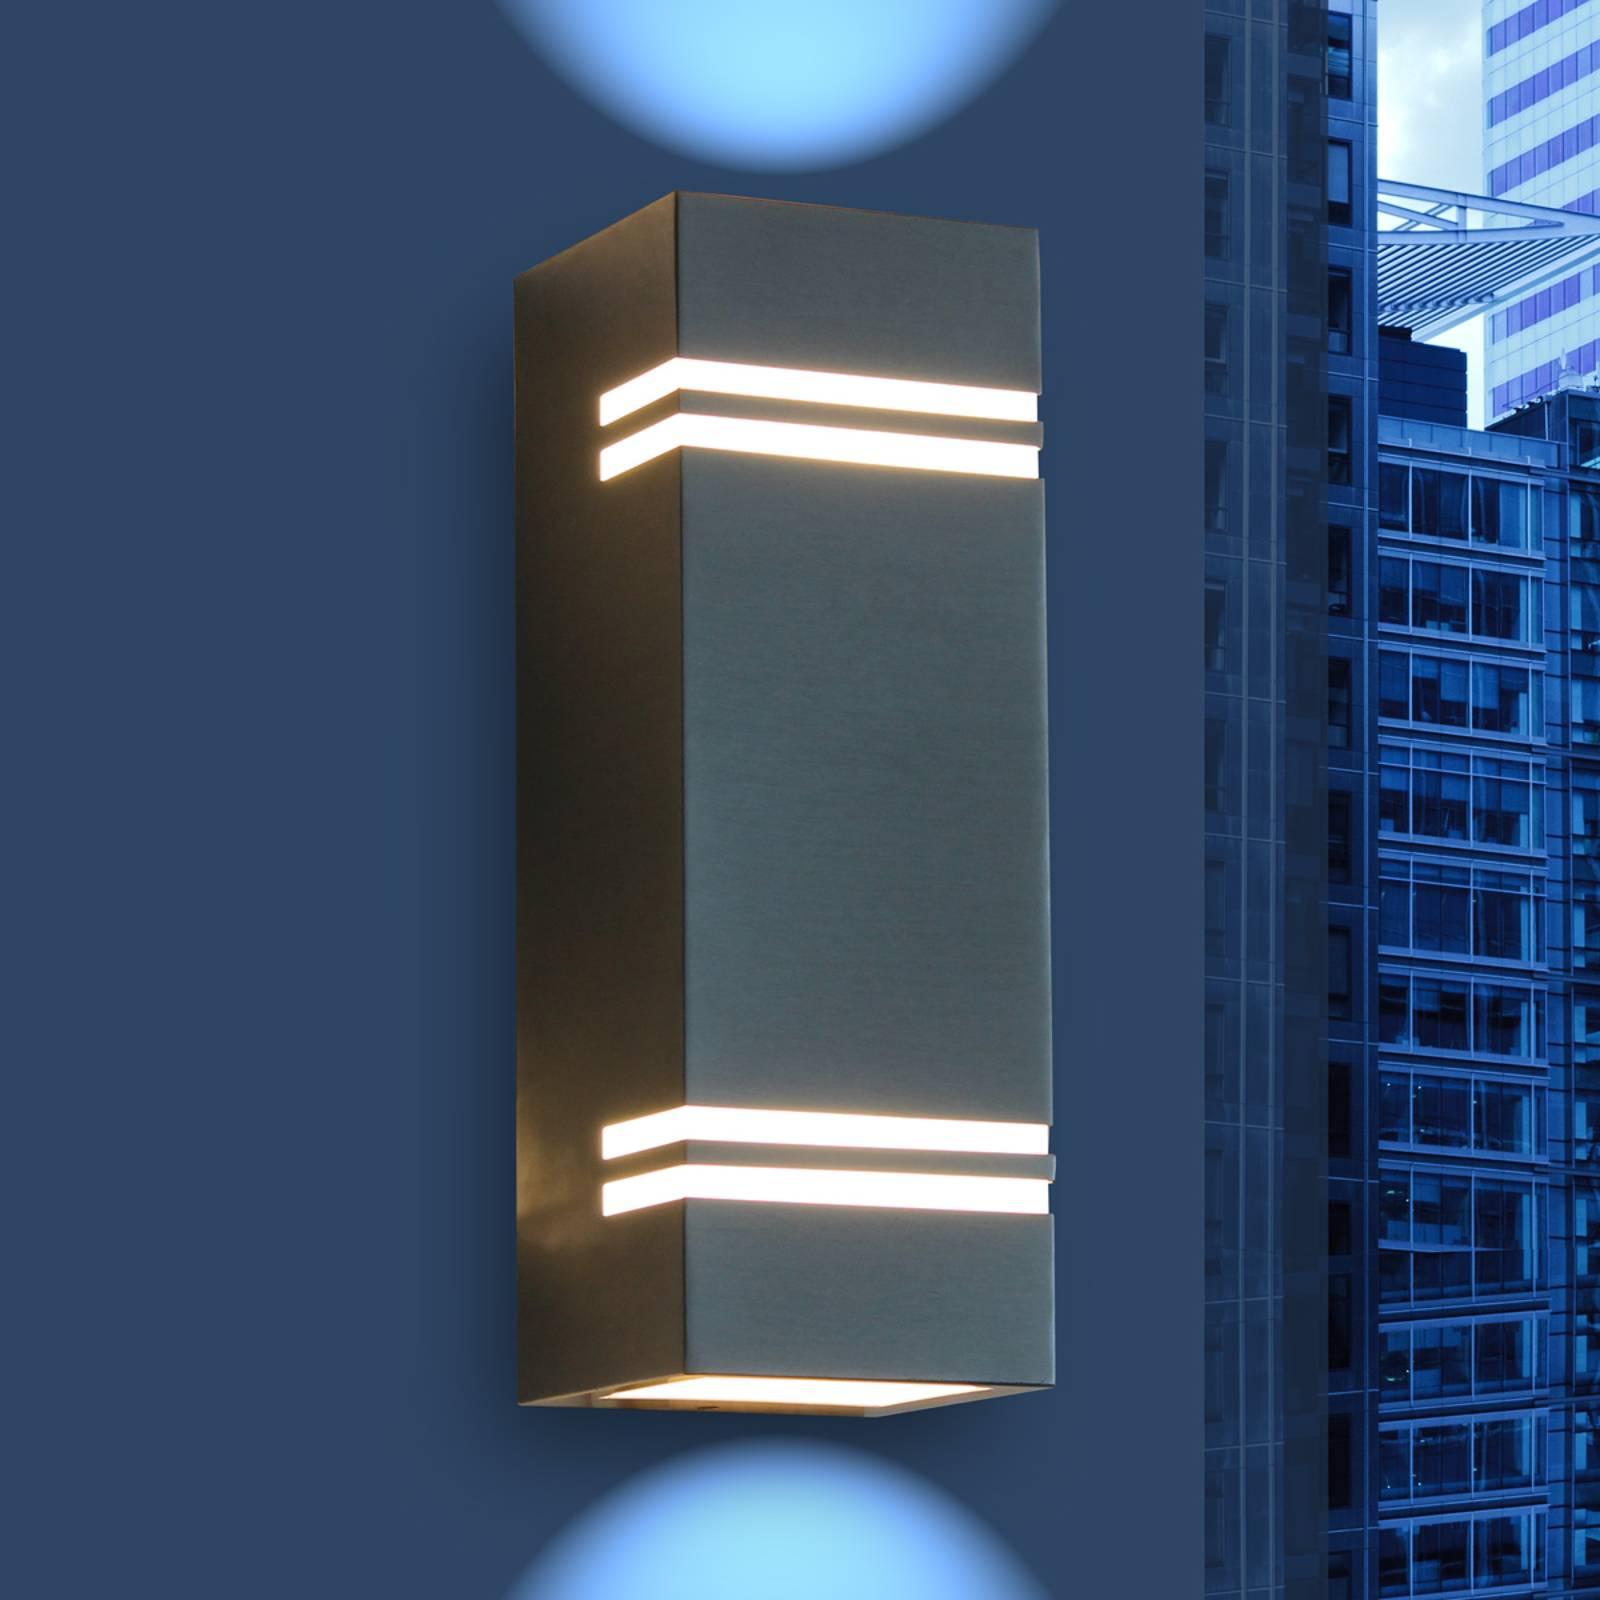 Moderni LED-ulkoseinävalaisin Stripes